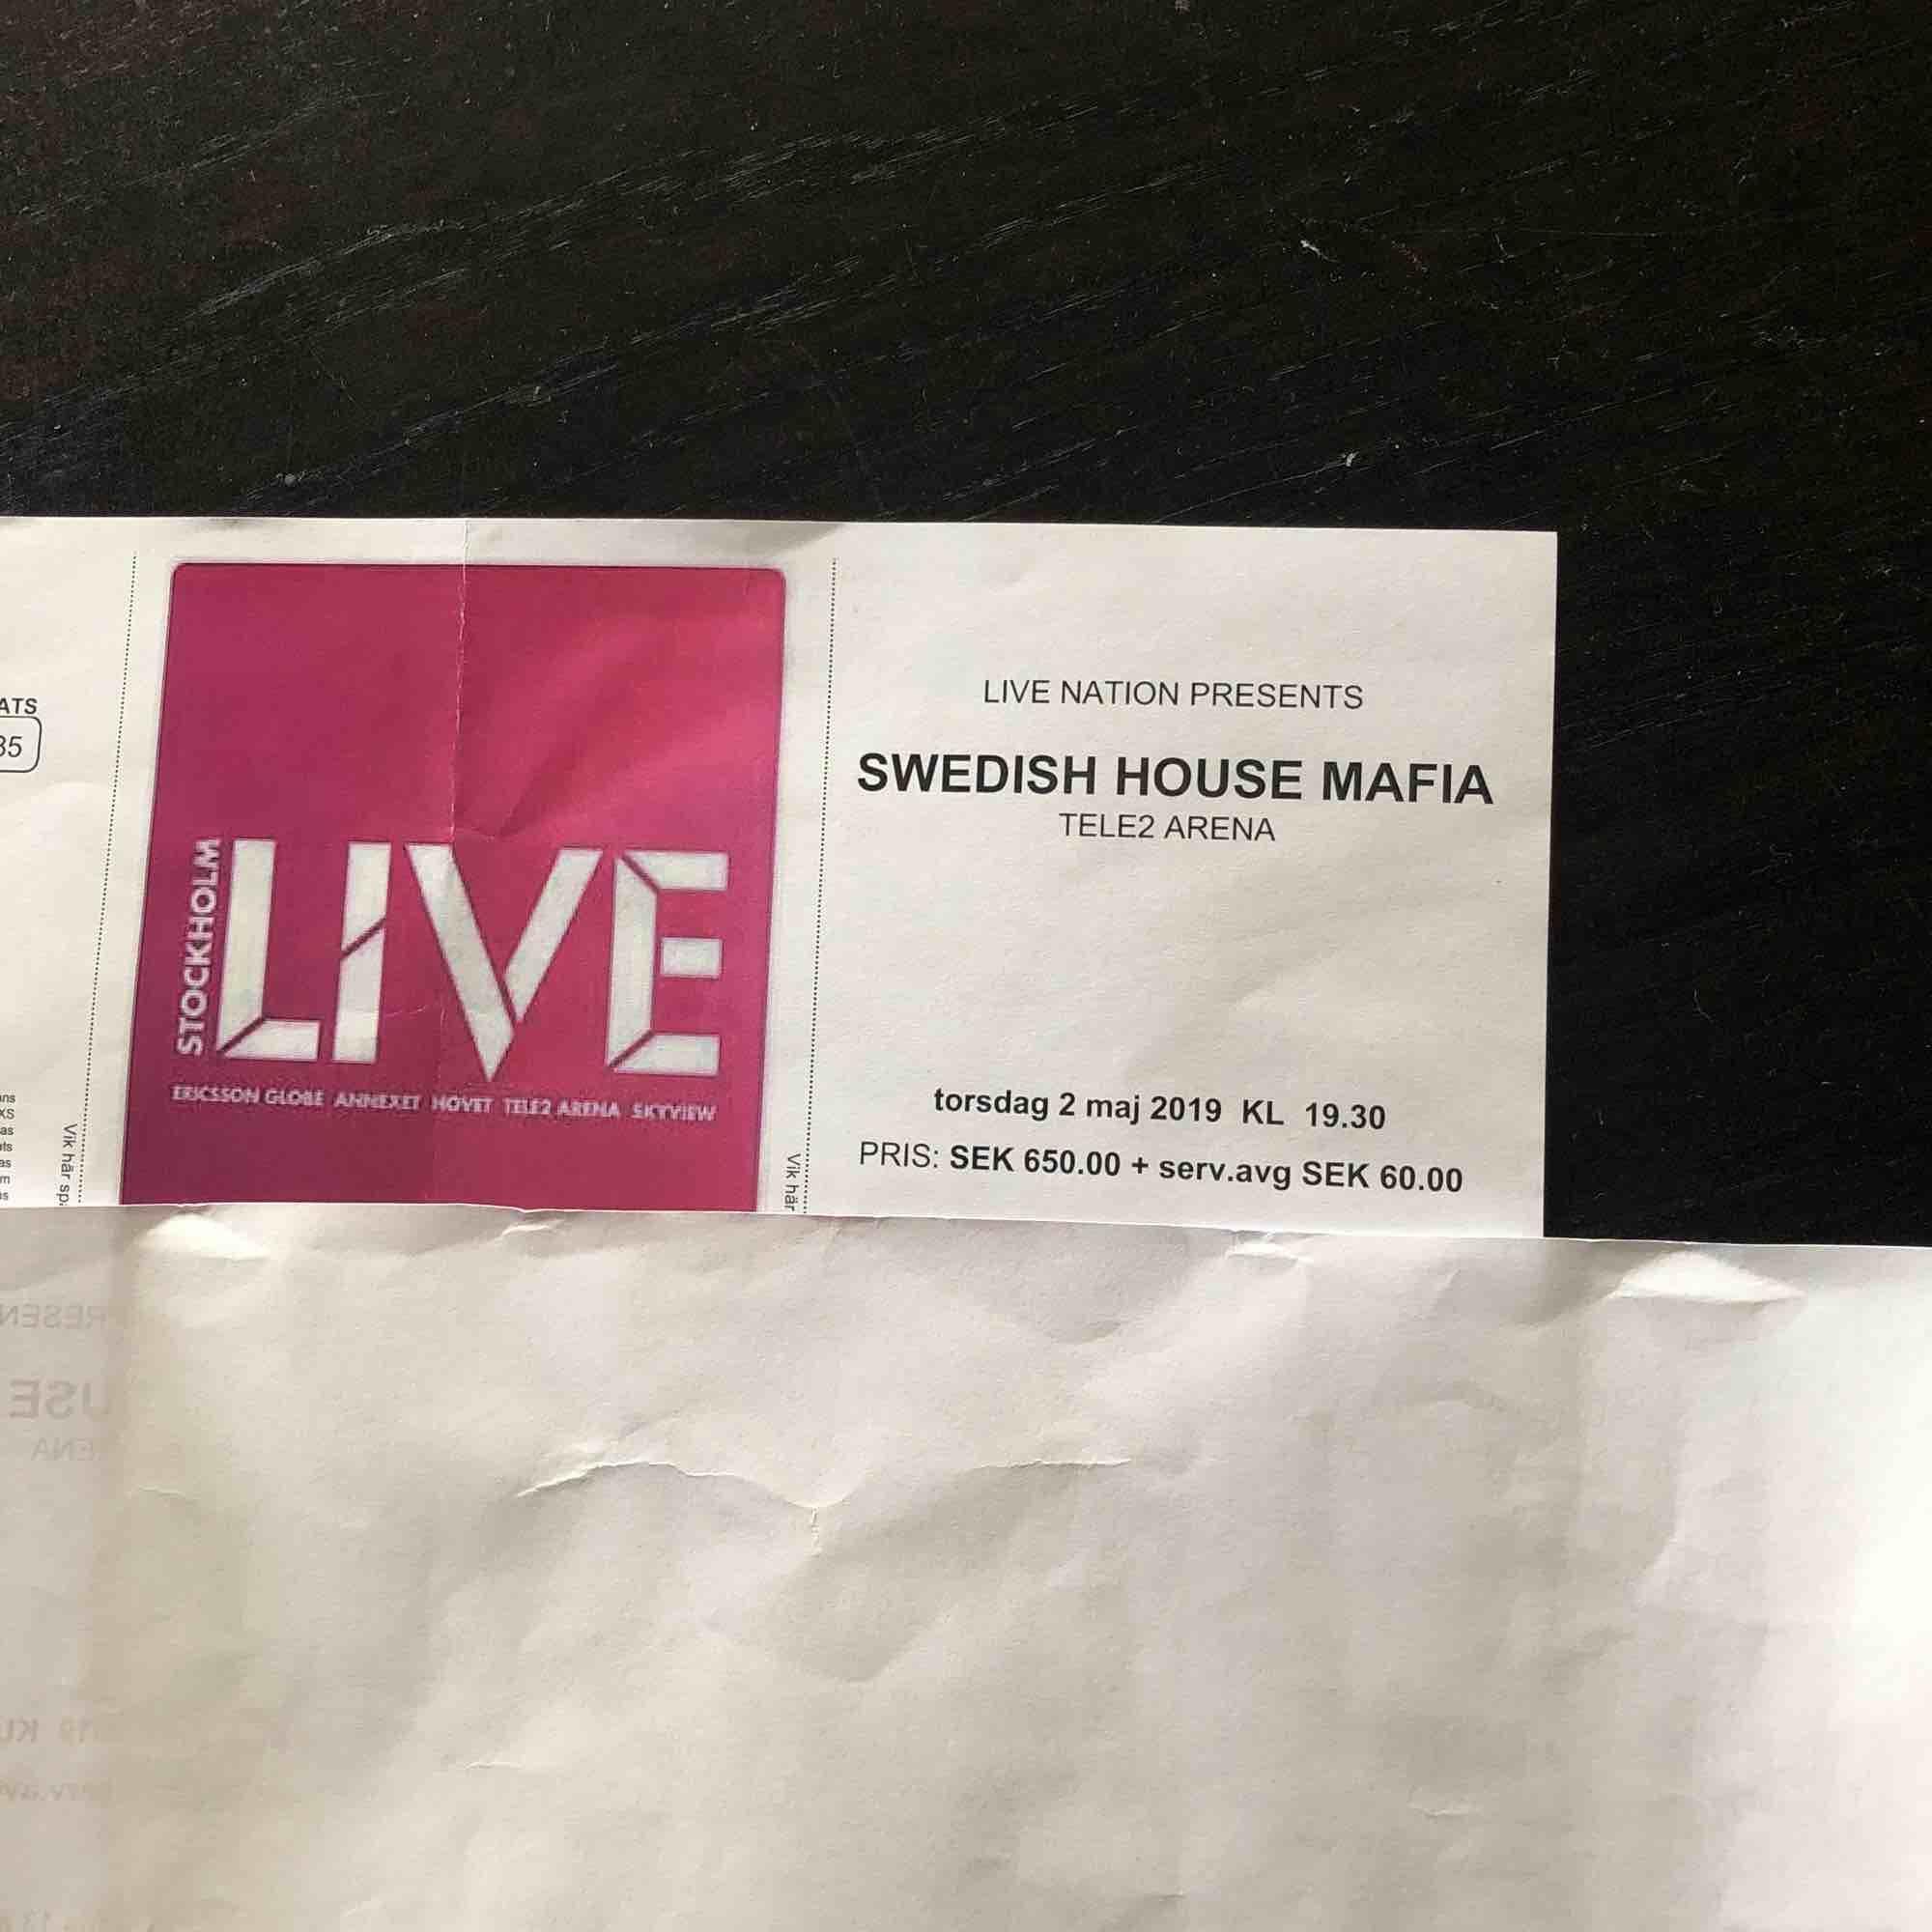 Säljer 3 st biljetter till swedish house mafias konsert den andra maj i år. Det är sittplatser. Biljetterna är nästan helt slutsålda, så bud från 650kr. Jag har bokat en resa så jag missar denna konsert tyvärr. Hör av er för mer information!💕. Övrigt.